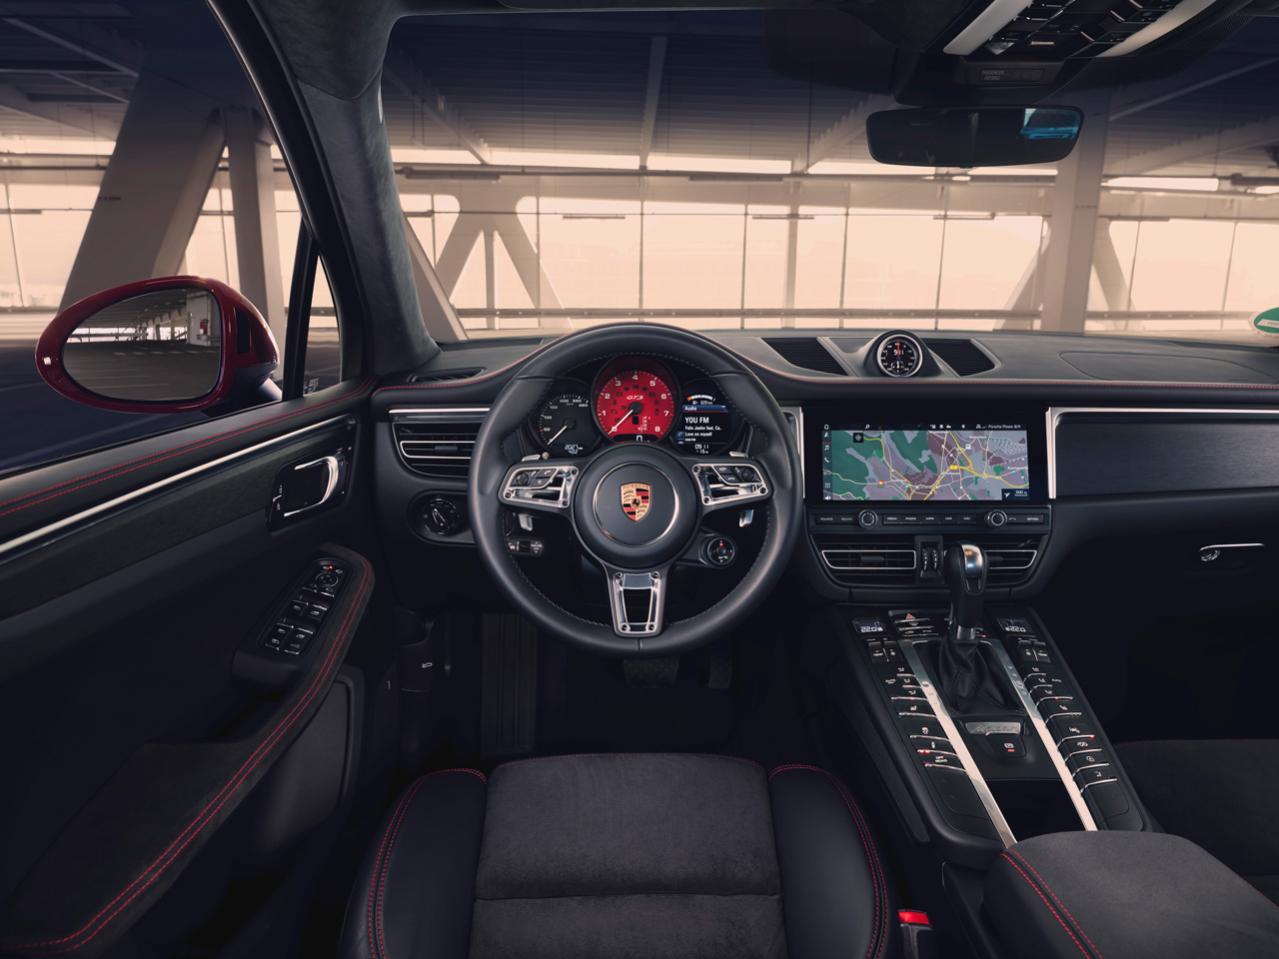 最もスポーティなポルシェ・マカン、「マカンGTS」の国内予約受注がスタート! 車両価格は税込1038万8889円